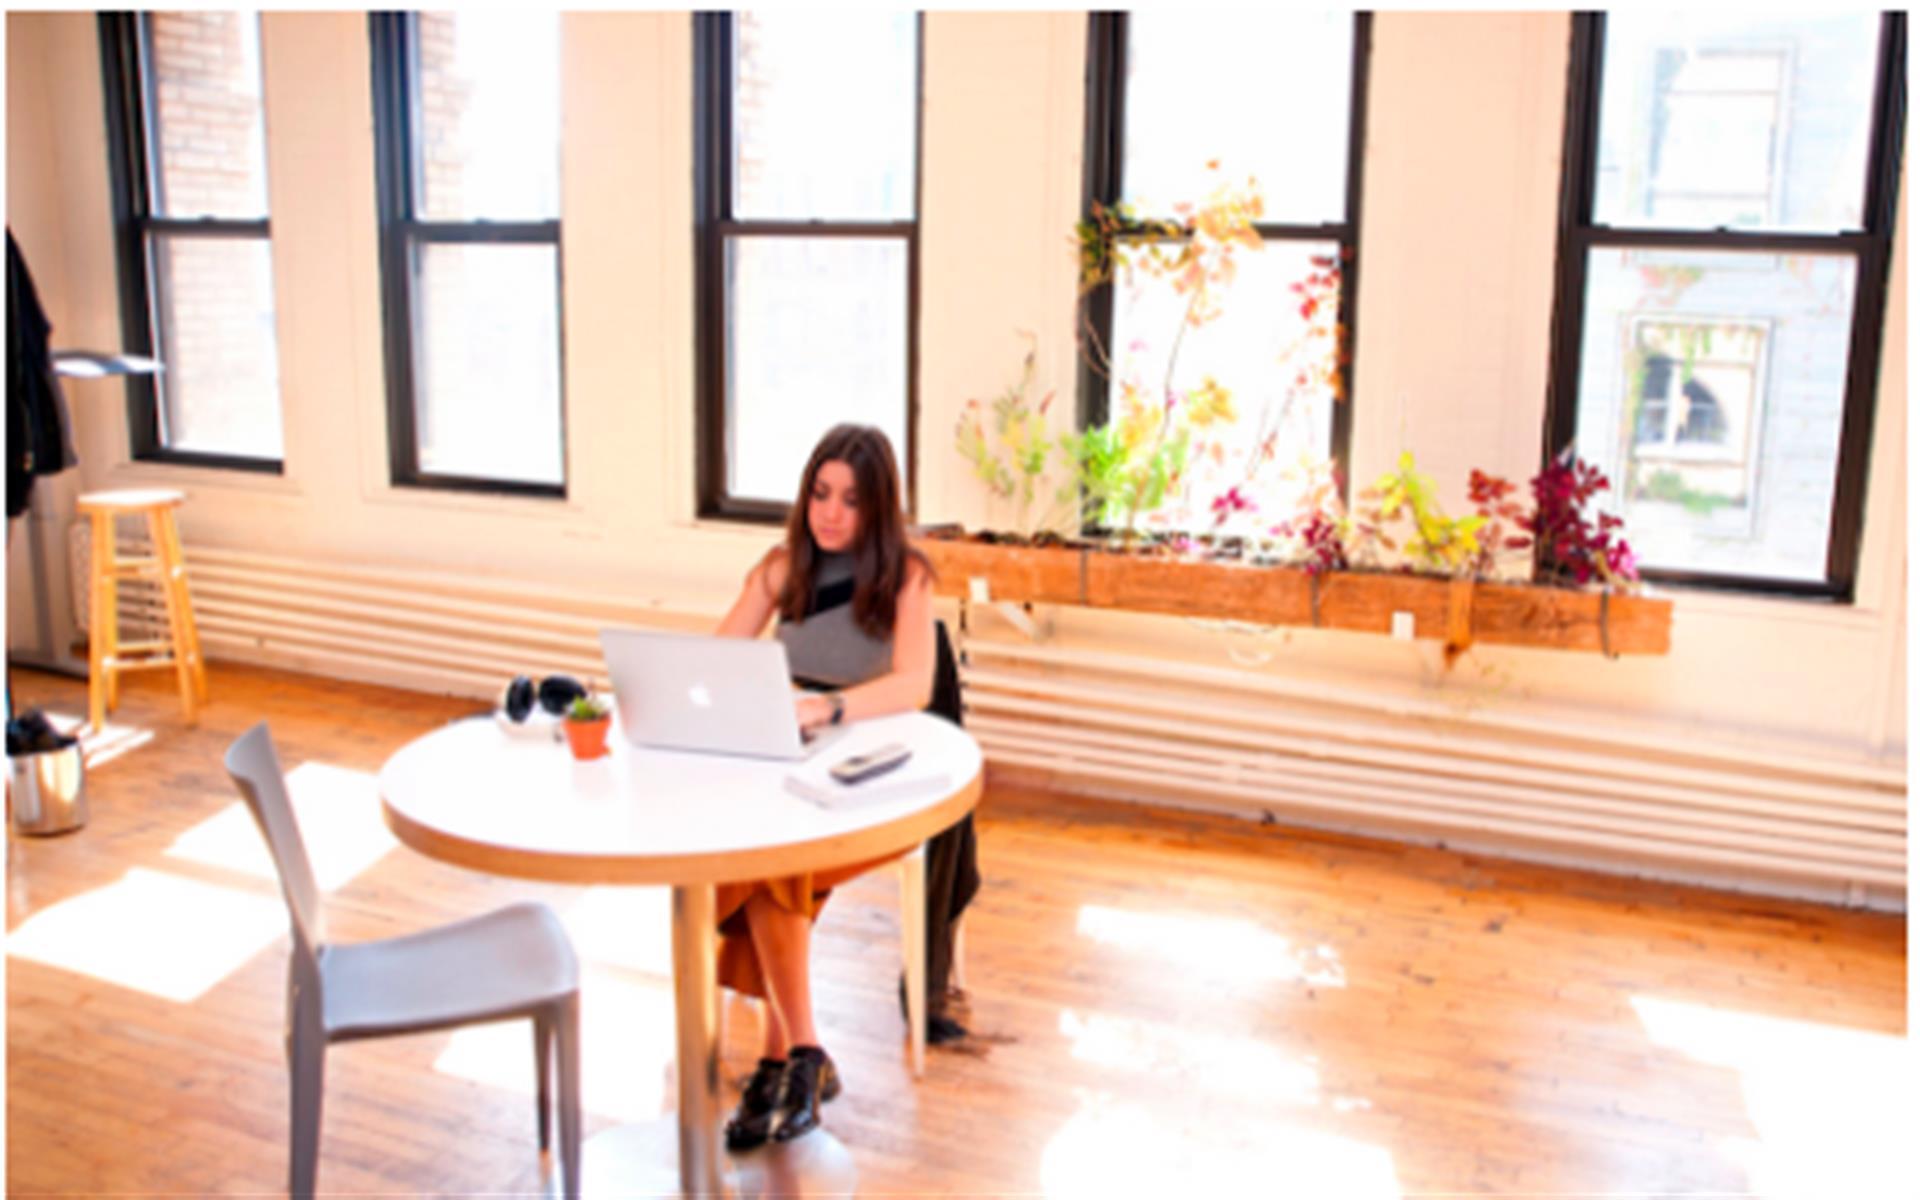 PSFK Innovation Hub - Dedicated Desk 1